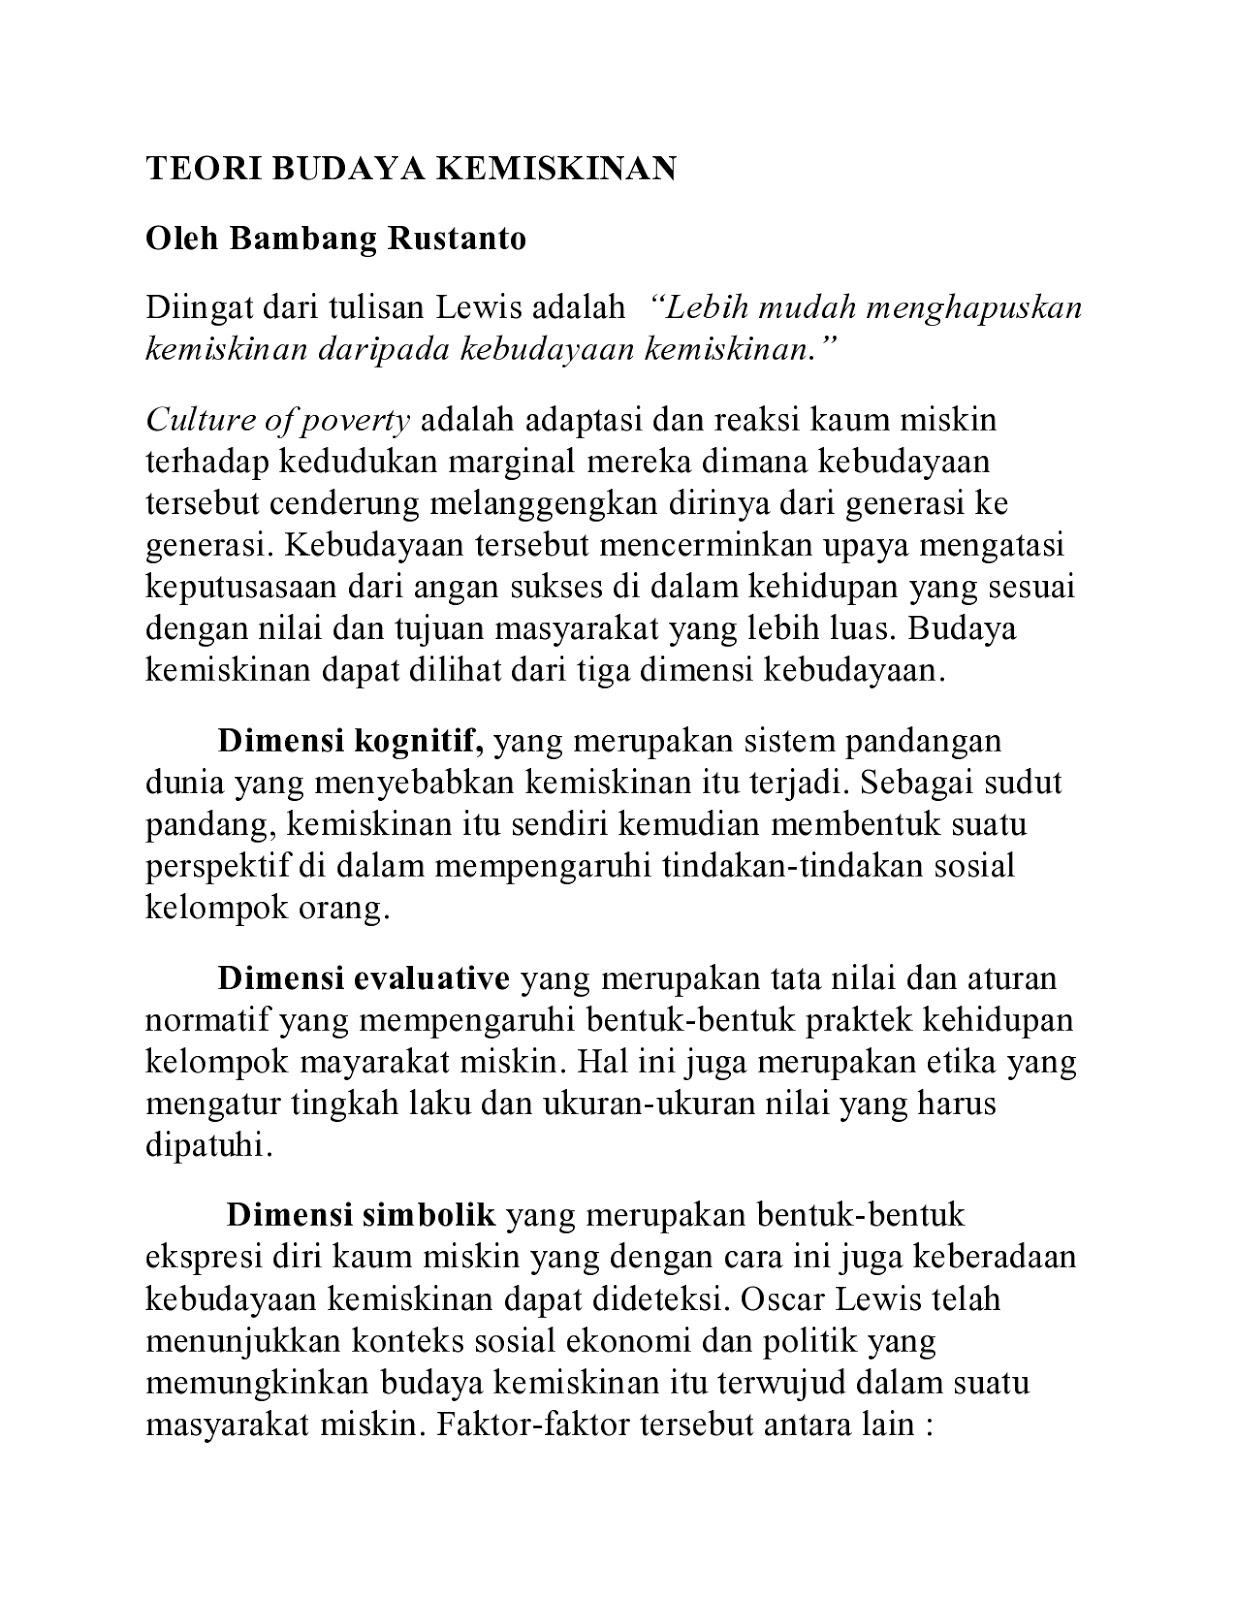 peksos bambang rustanto teori budaya kemiskinan selasa 22 2014